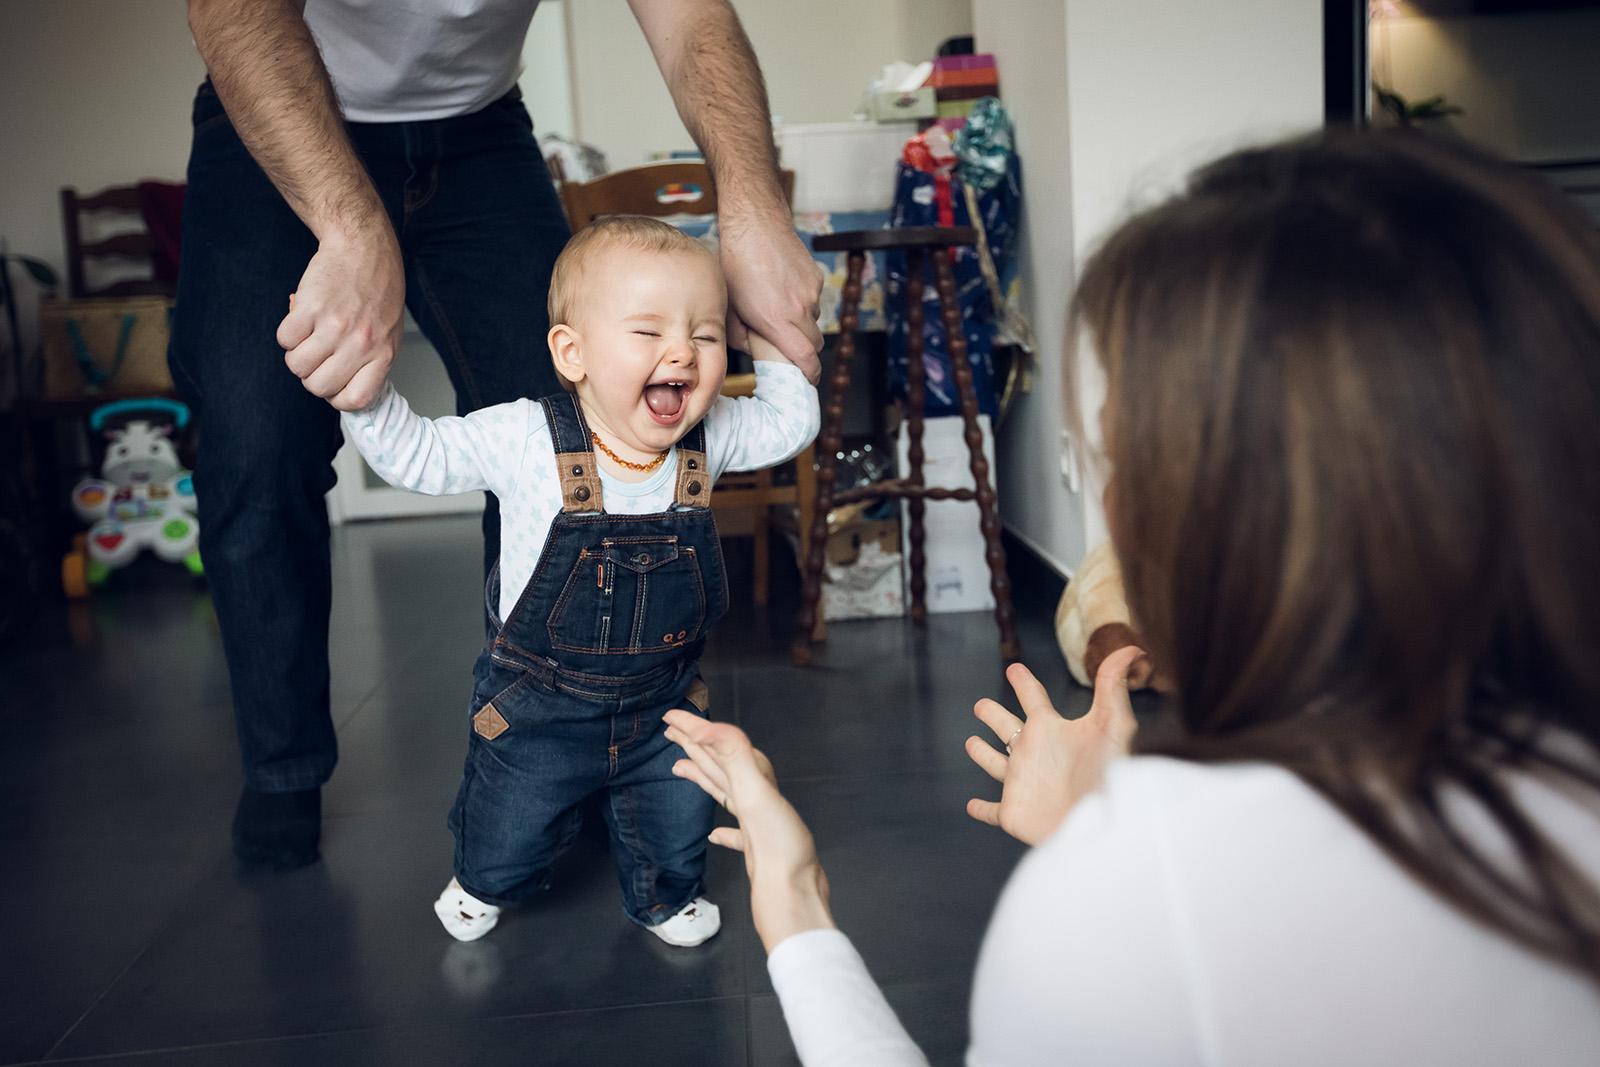 seance-photo-famille-enfant-elise-julliard-photographe-lyon-villefranche-sur-saone-auvergne-rhone-alpes-lifestyle-couple-bebe-jeux-3